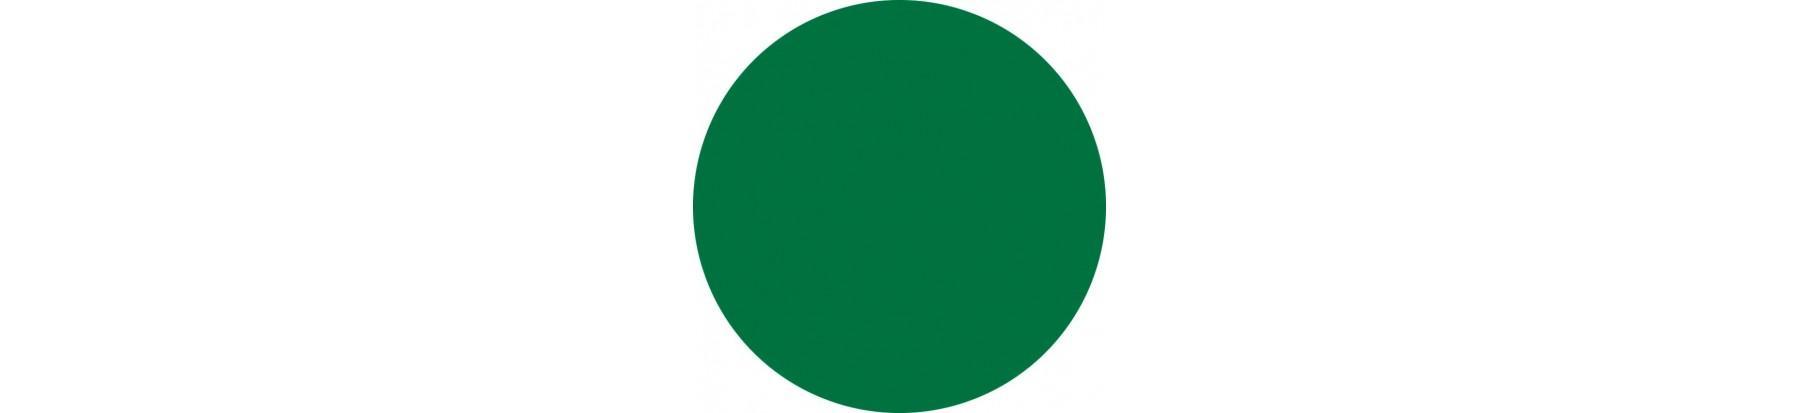 Зеленые оливковые тени